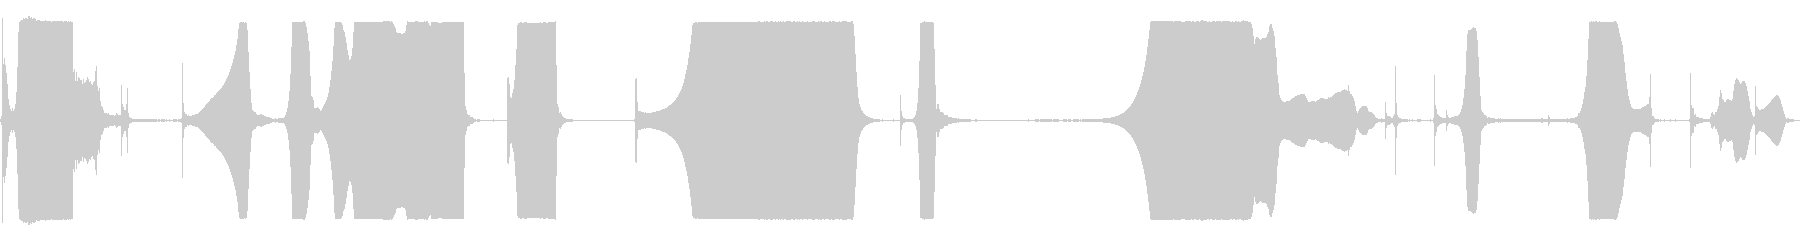 フィードバックメガホンの未再生の波形